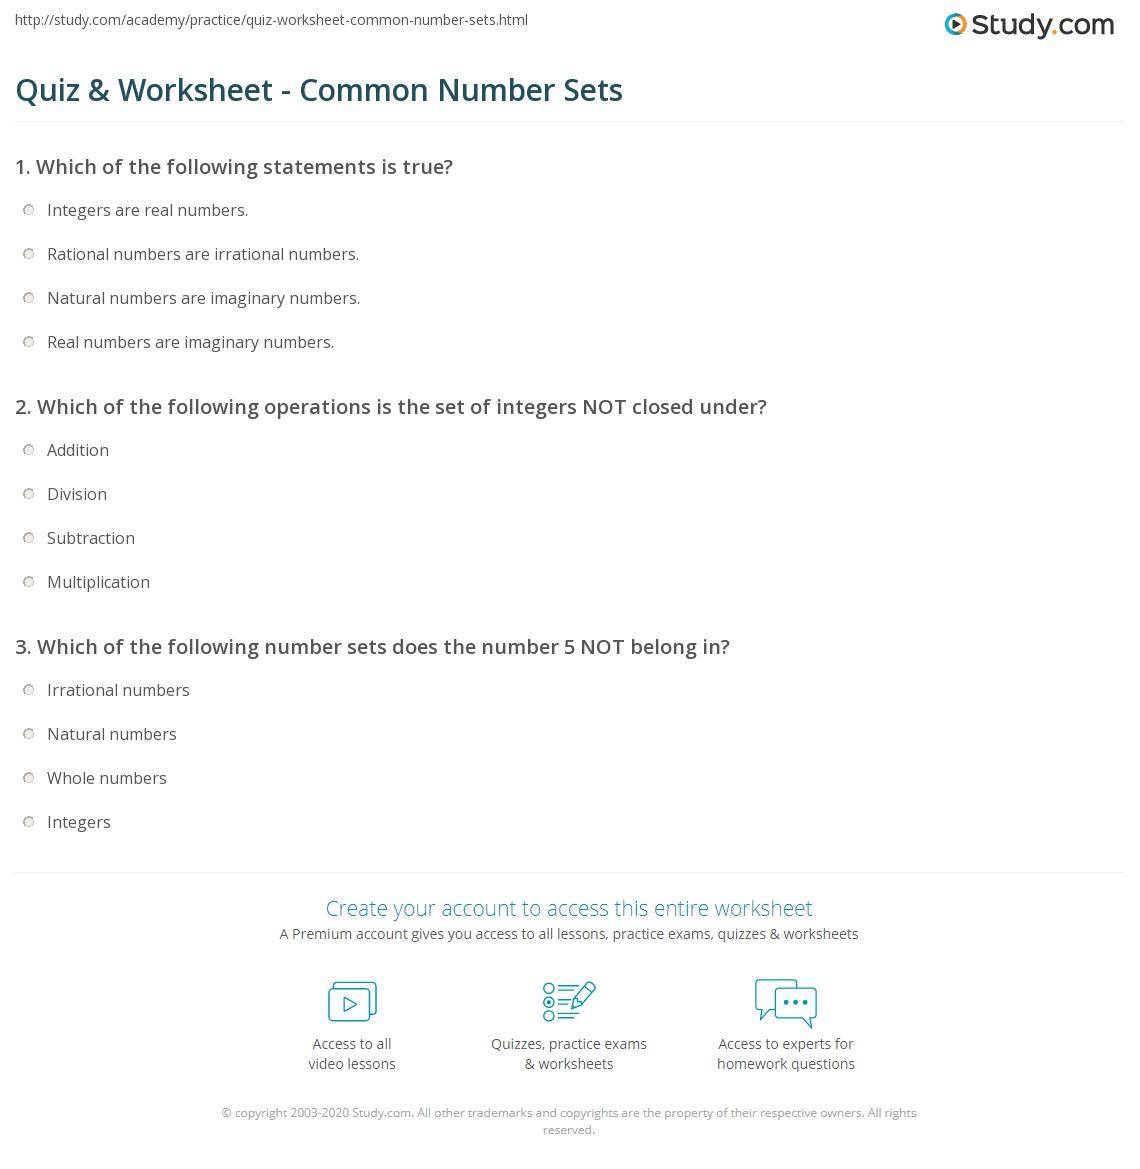 quiz worksheet common number sets. Black Bedroom Furniture Sets. Home Design Ideas